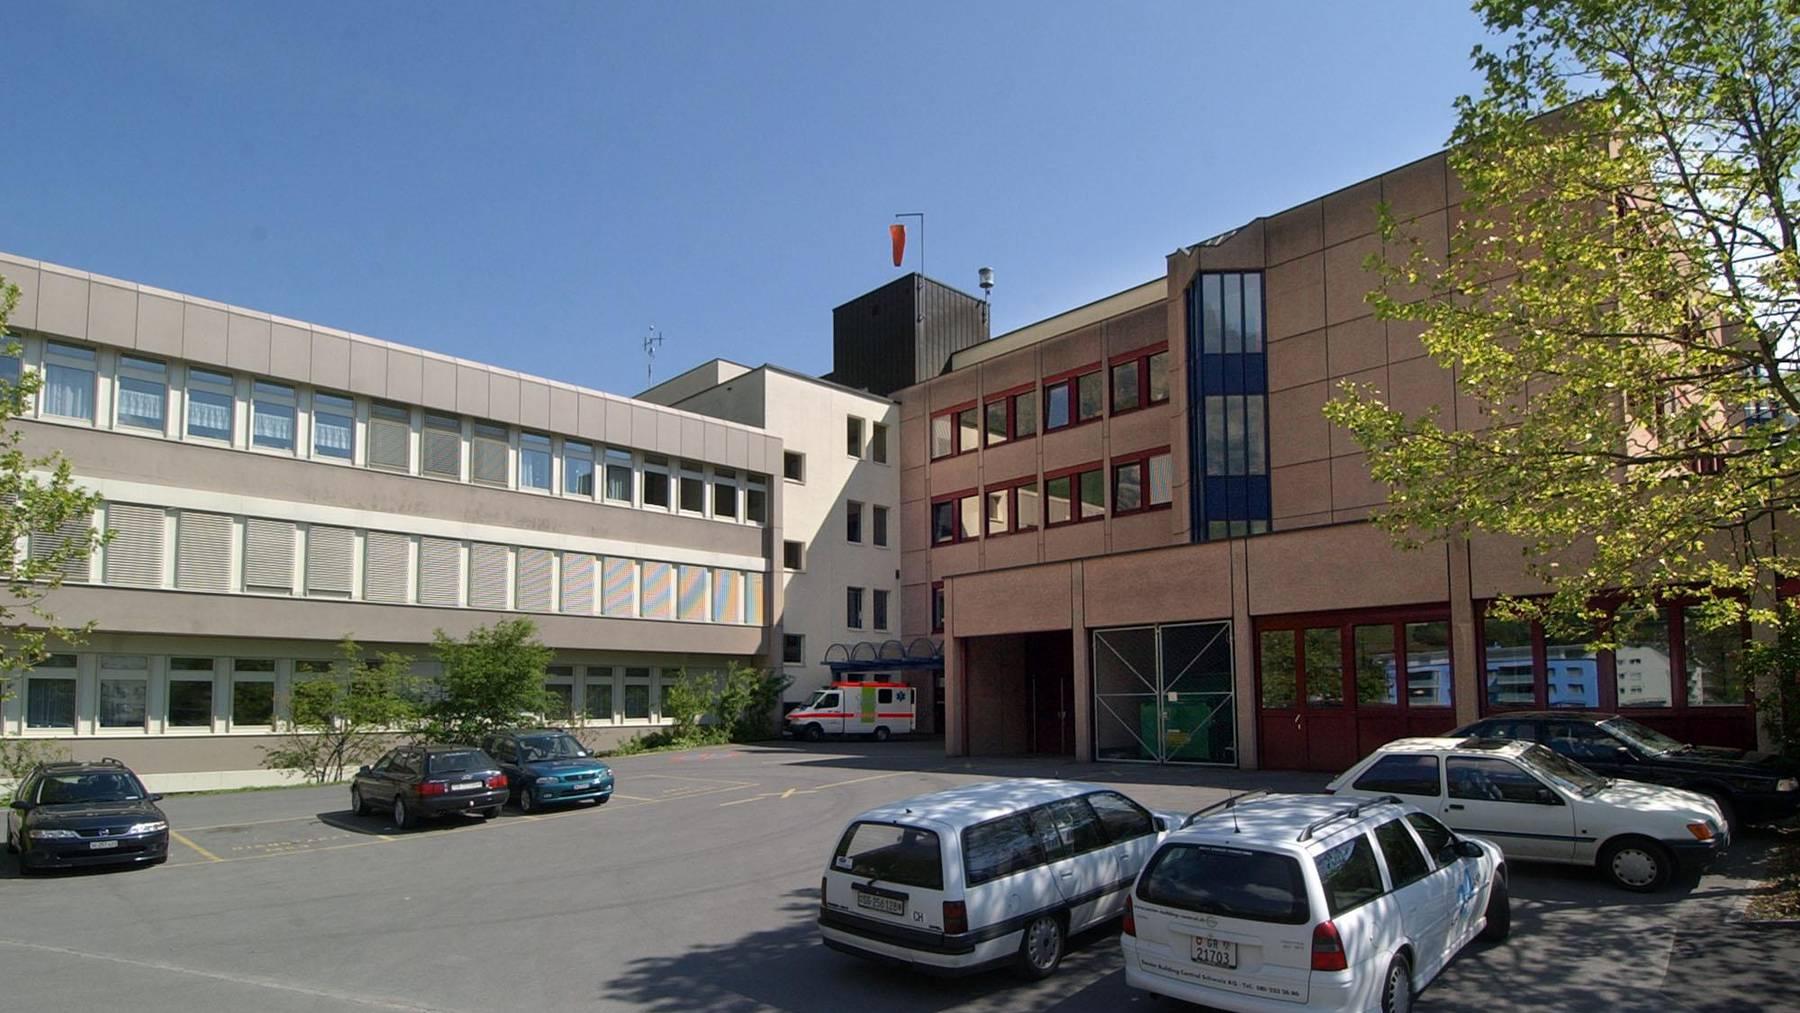 Die Geburtshilfe im Spital Walenstadt soll nun bereits im Februar 2020 geschlossen werden.